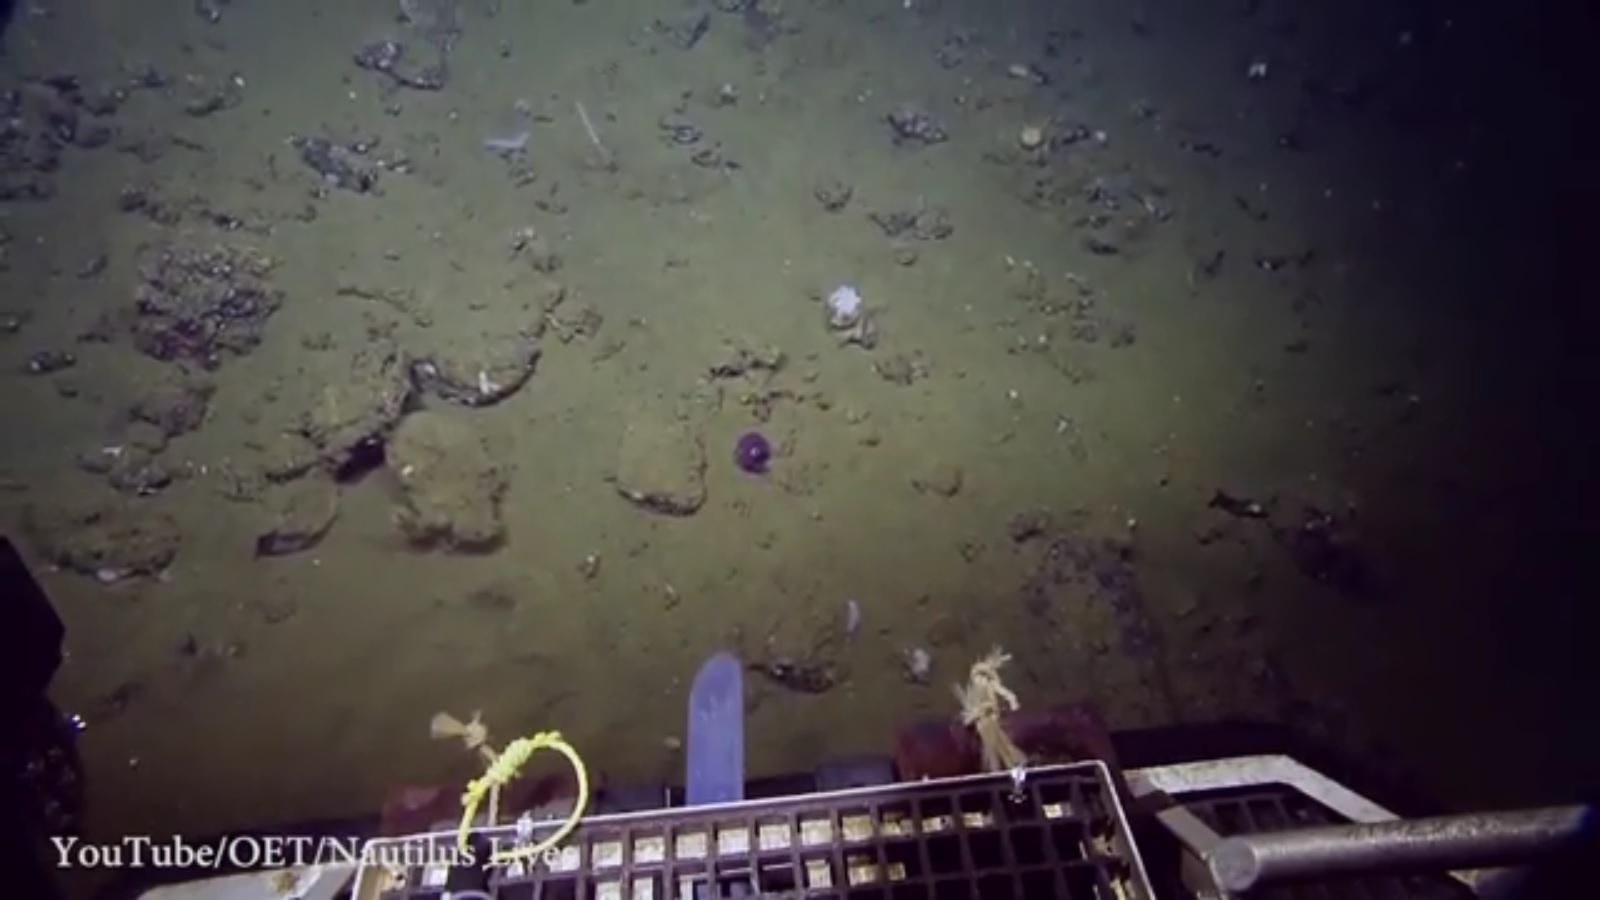 Phát hiện con mực tím mắt tròn quái lạ dưới đáy biển - 2